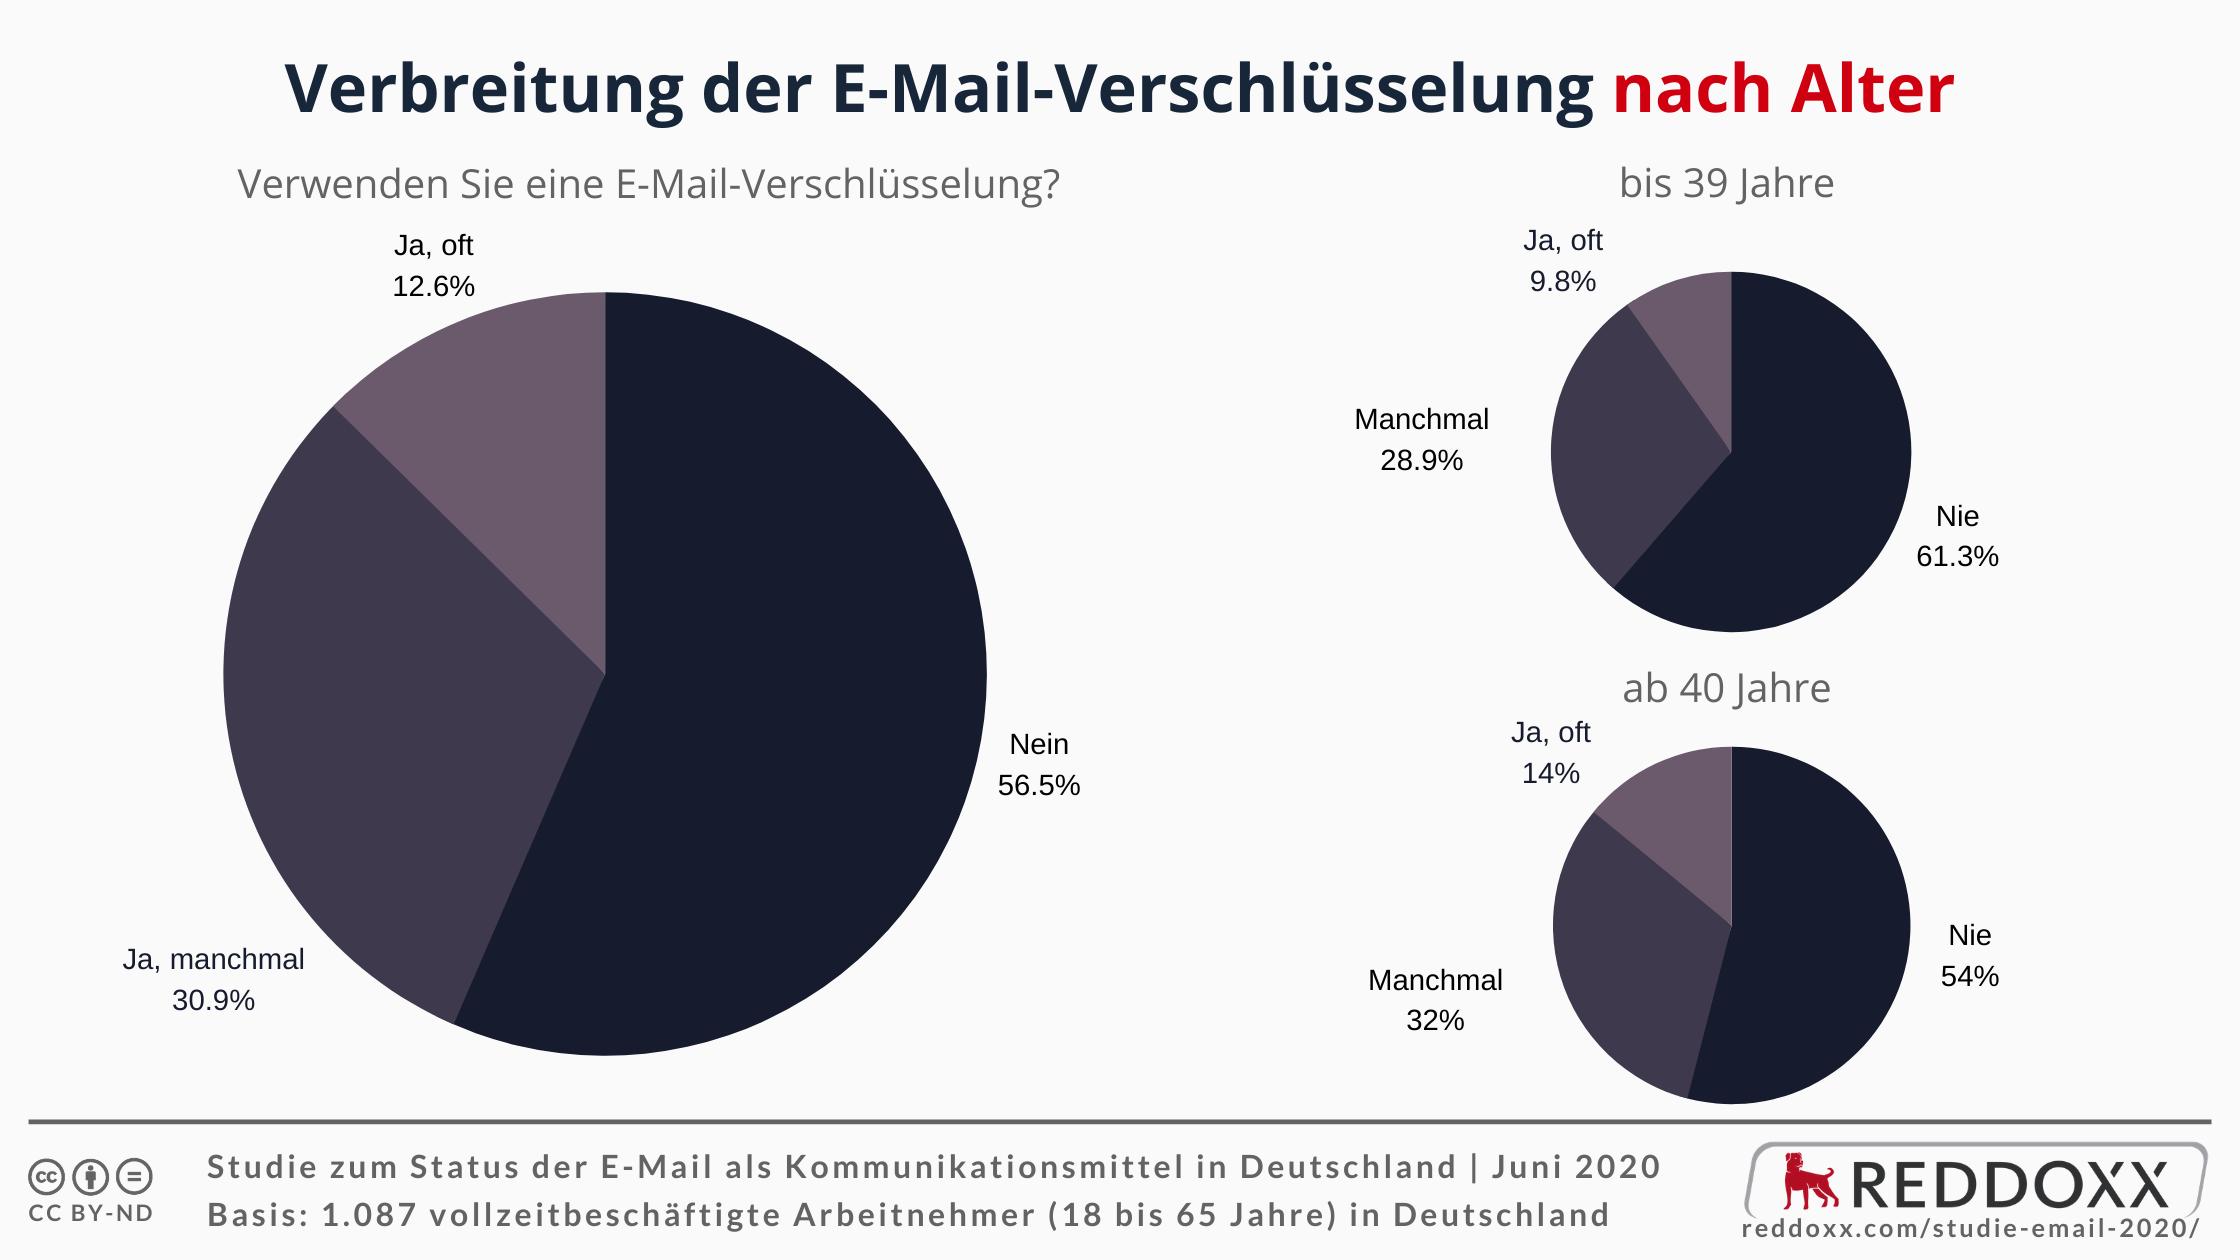 Verbreitung der E-Mail-Verschlüsselung nach Alter